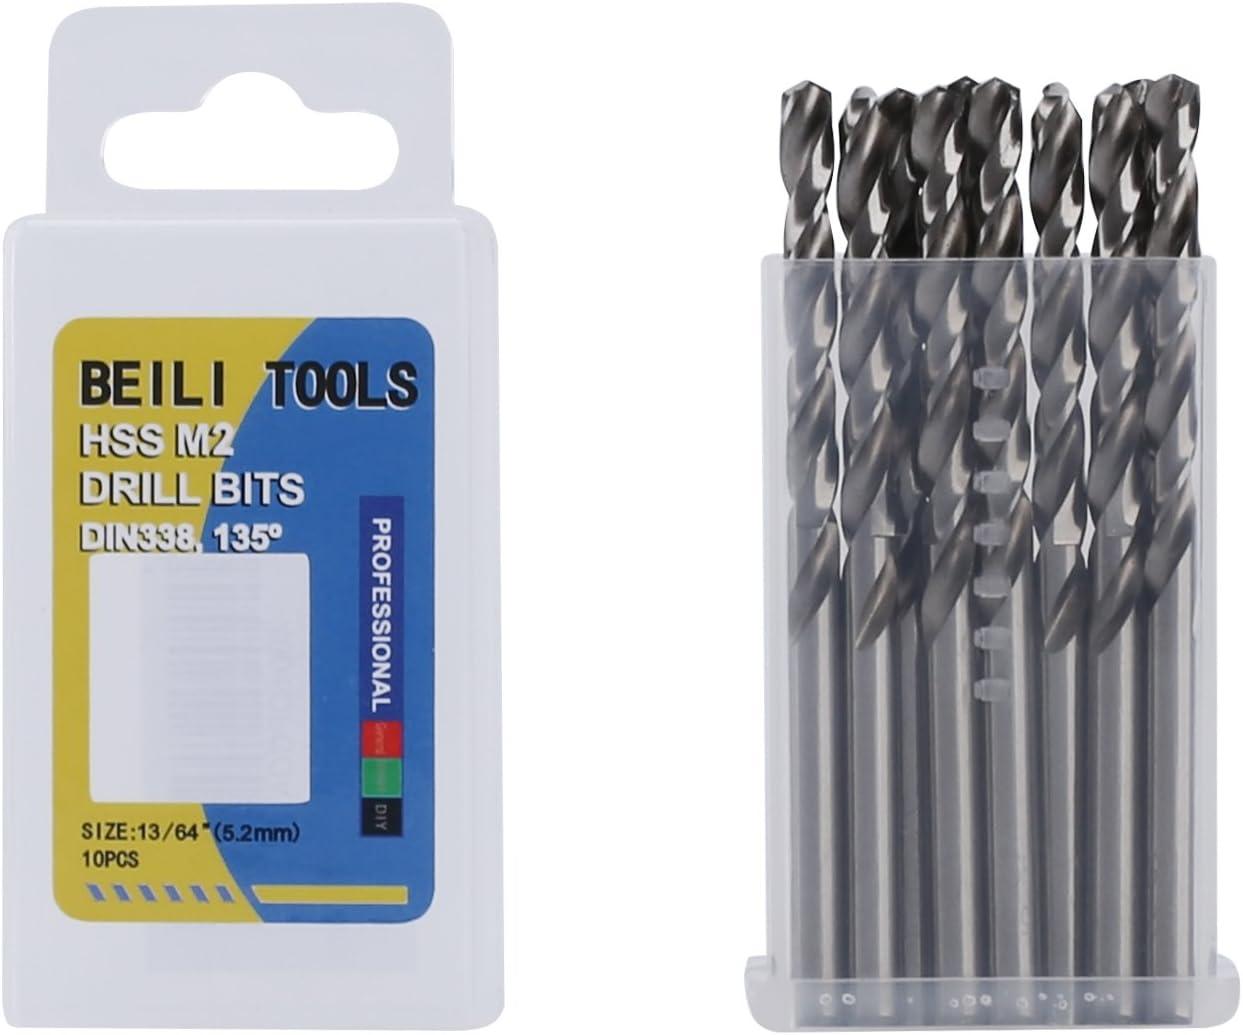 5//16, 8.0mm HSS M2 Metal Jobber Twist Drill Bits Pack of 10